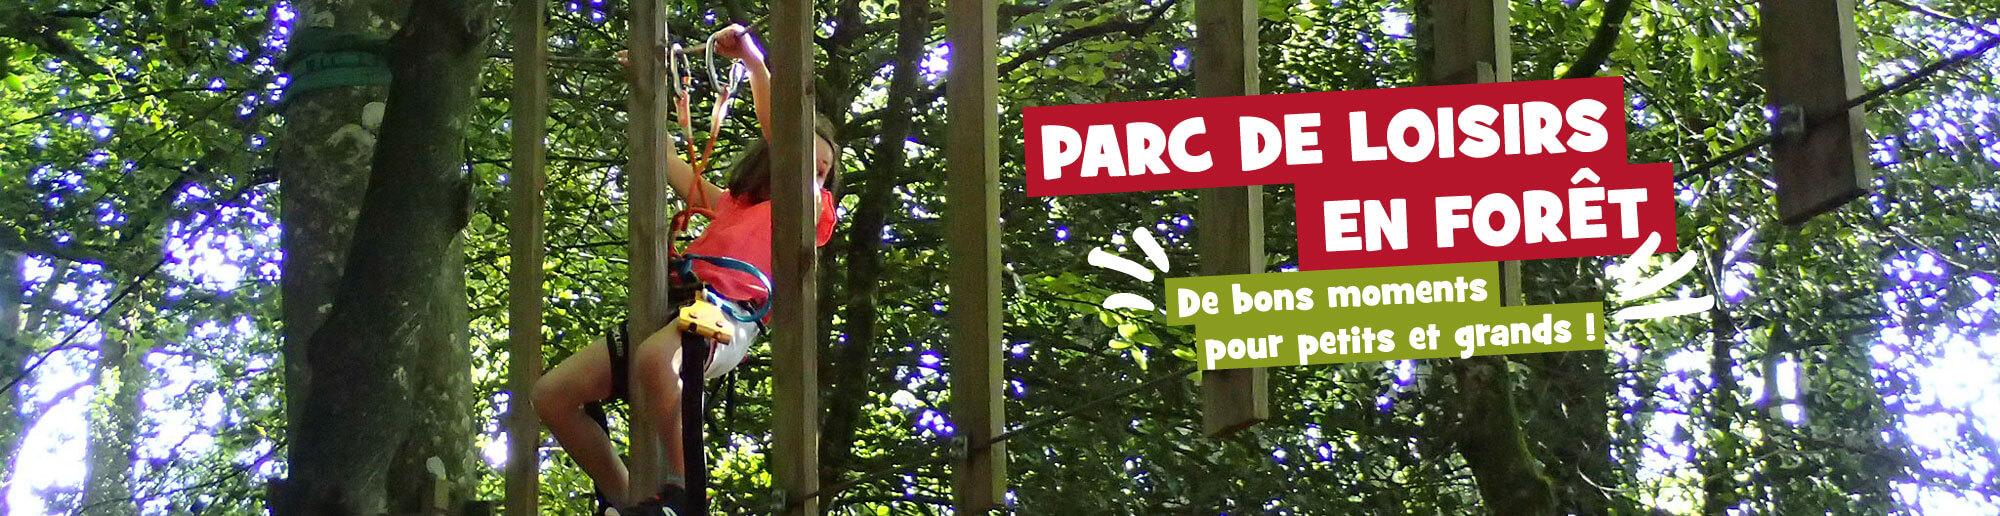 Parc de Loisirs en Forêt